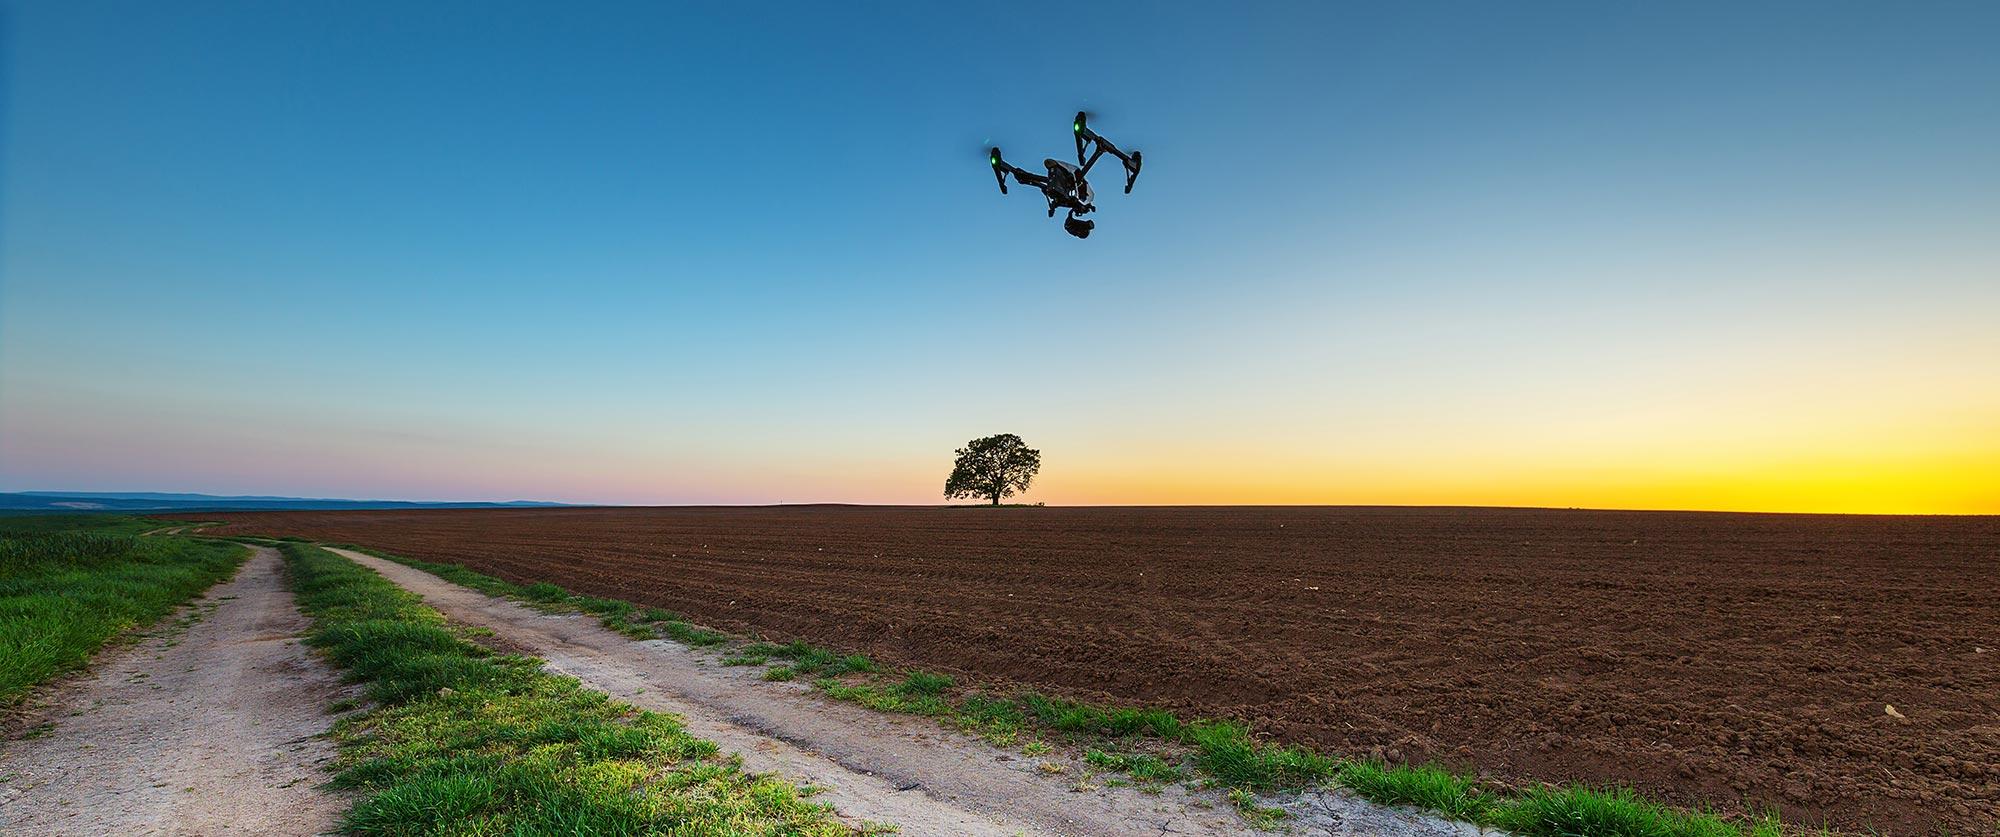 UAV Aerial Filming